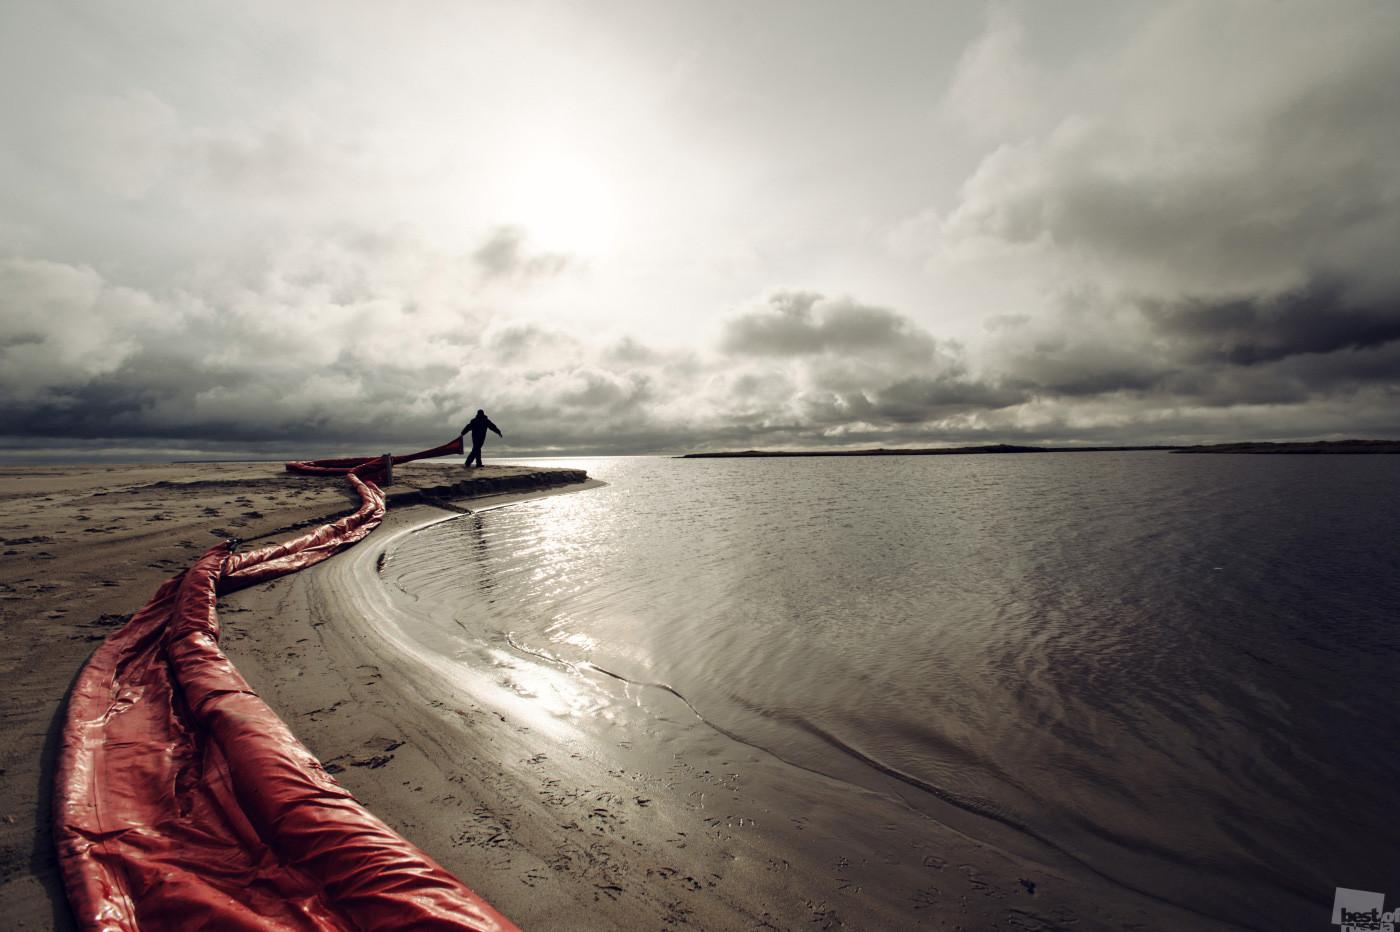 Saniranje posledic izliva nafte v reko Ob (vaja), Jamalo-Nenecki avtonomni okraj.